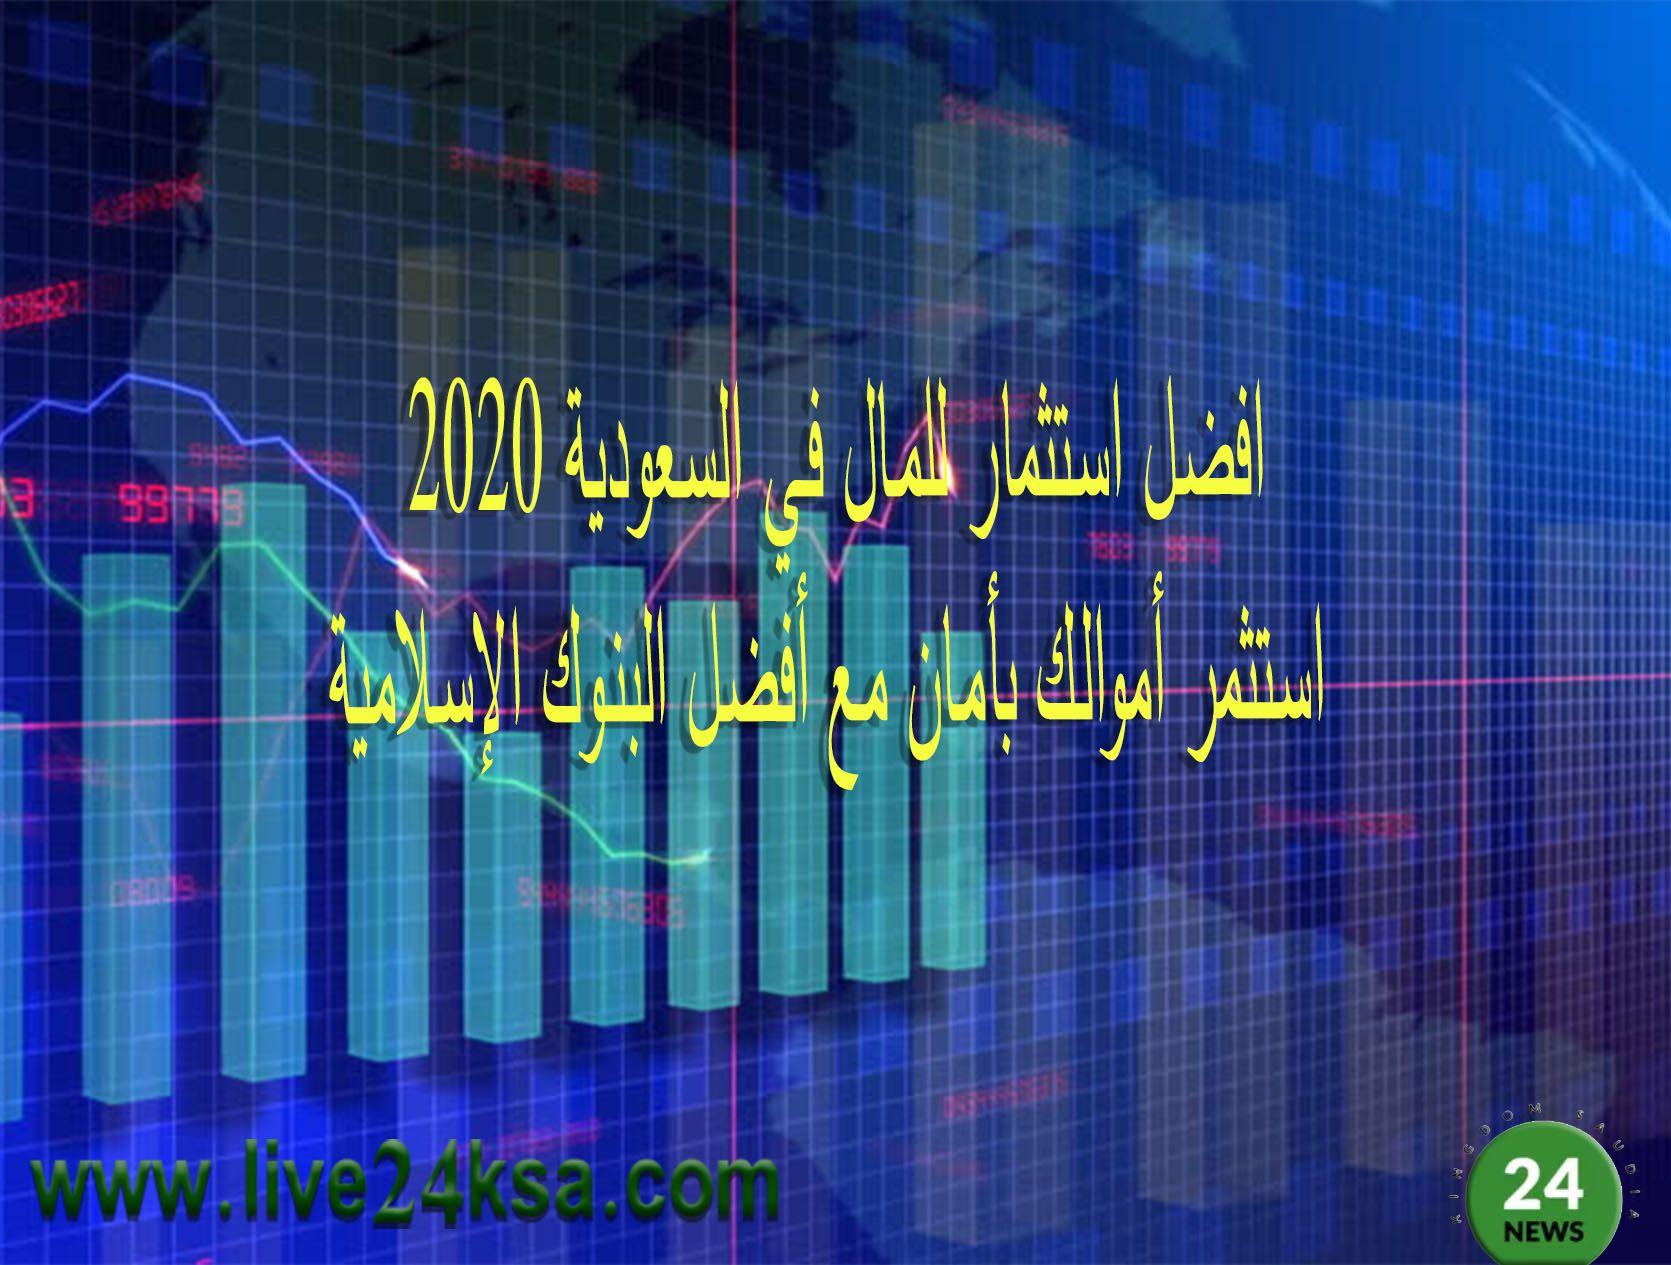 افضل استثمار للمال في السعودية 2020 استثمر أموالك بأمان مع أفضل البنوك الإسلامية Neon Signs Trading